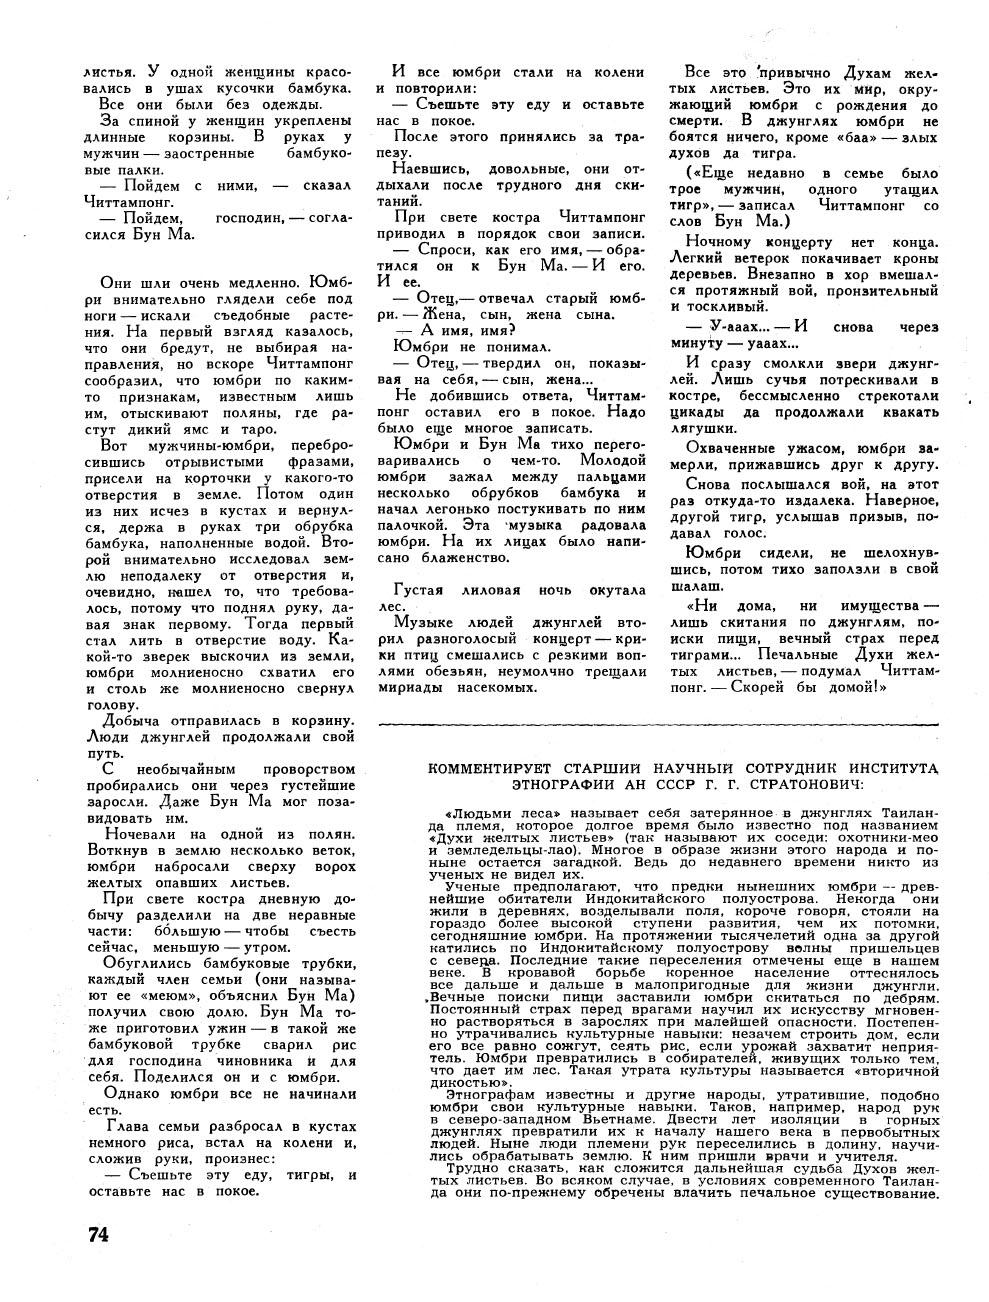 VS_1967_06_03.jpg